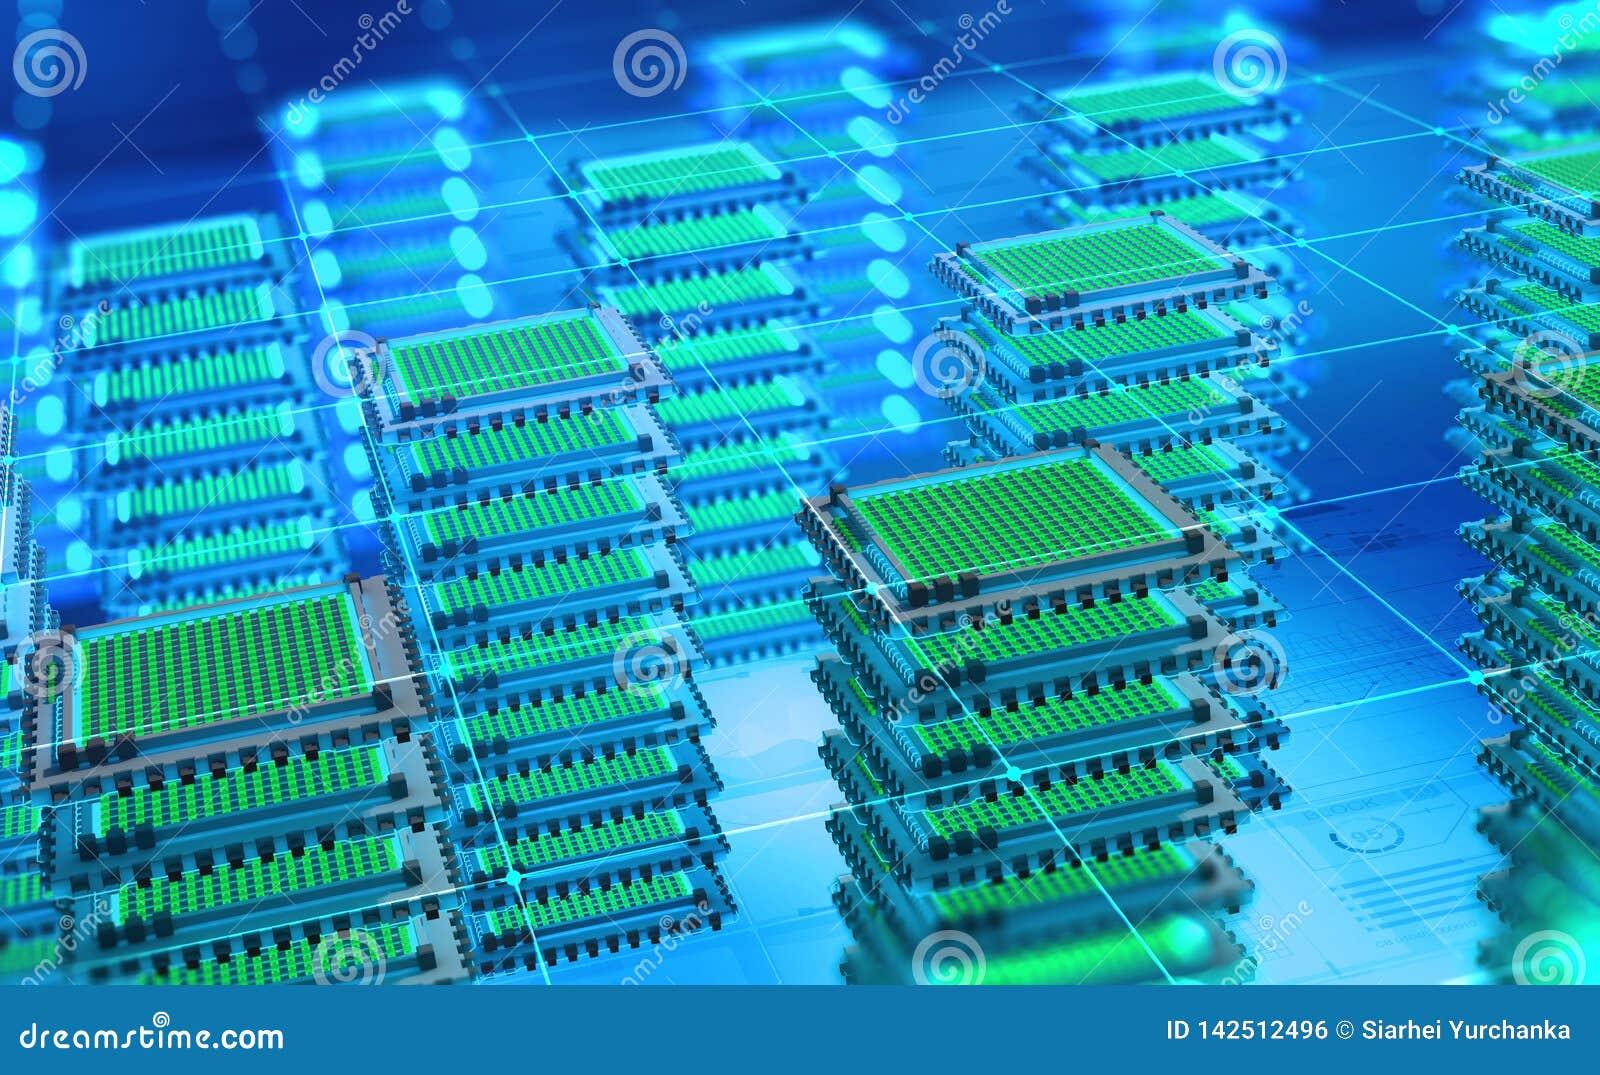 Φουτουριστικό κέντρο δεδομένων Μεγάλη πλατφόρμα analytics στοιχείων Κβαντικός επεξεργαστής στο παγκόσμιο δίκτυο υπολογιστών